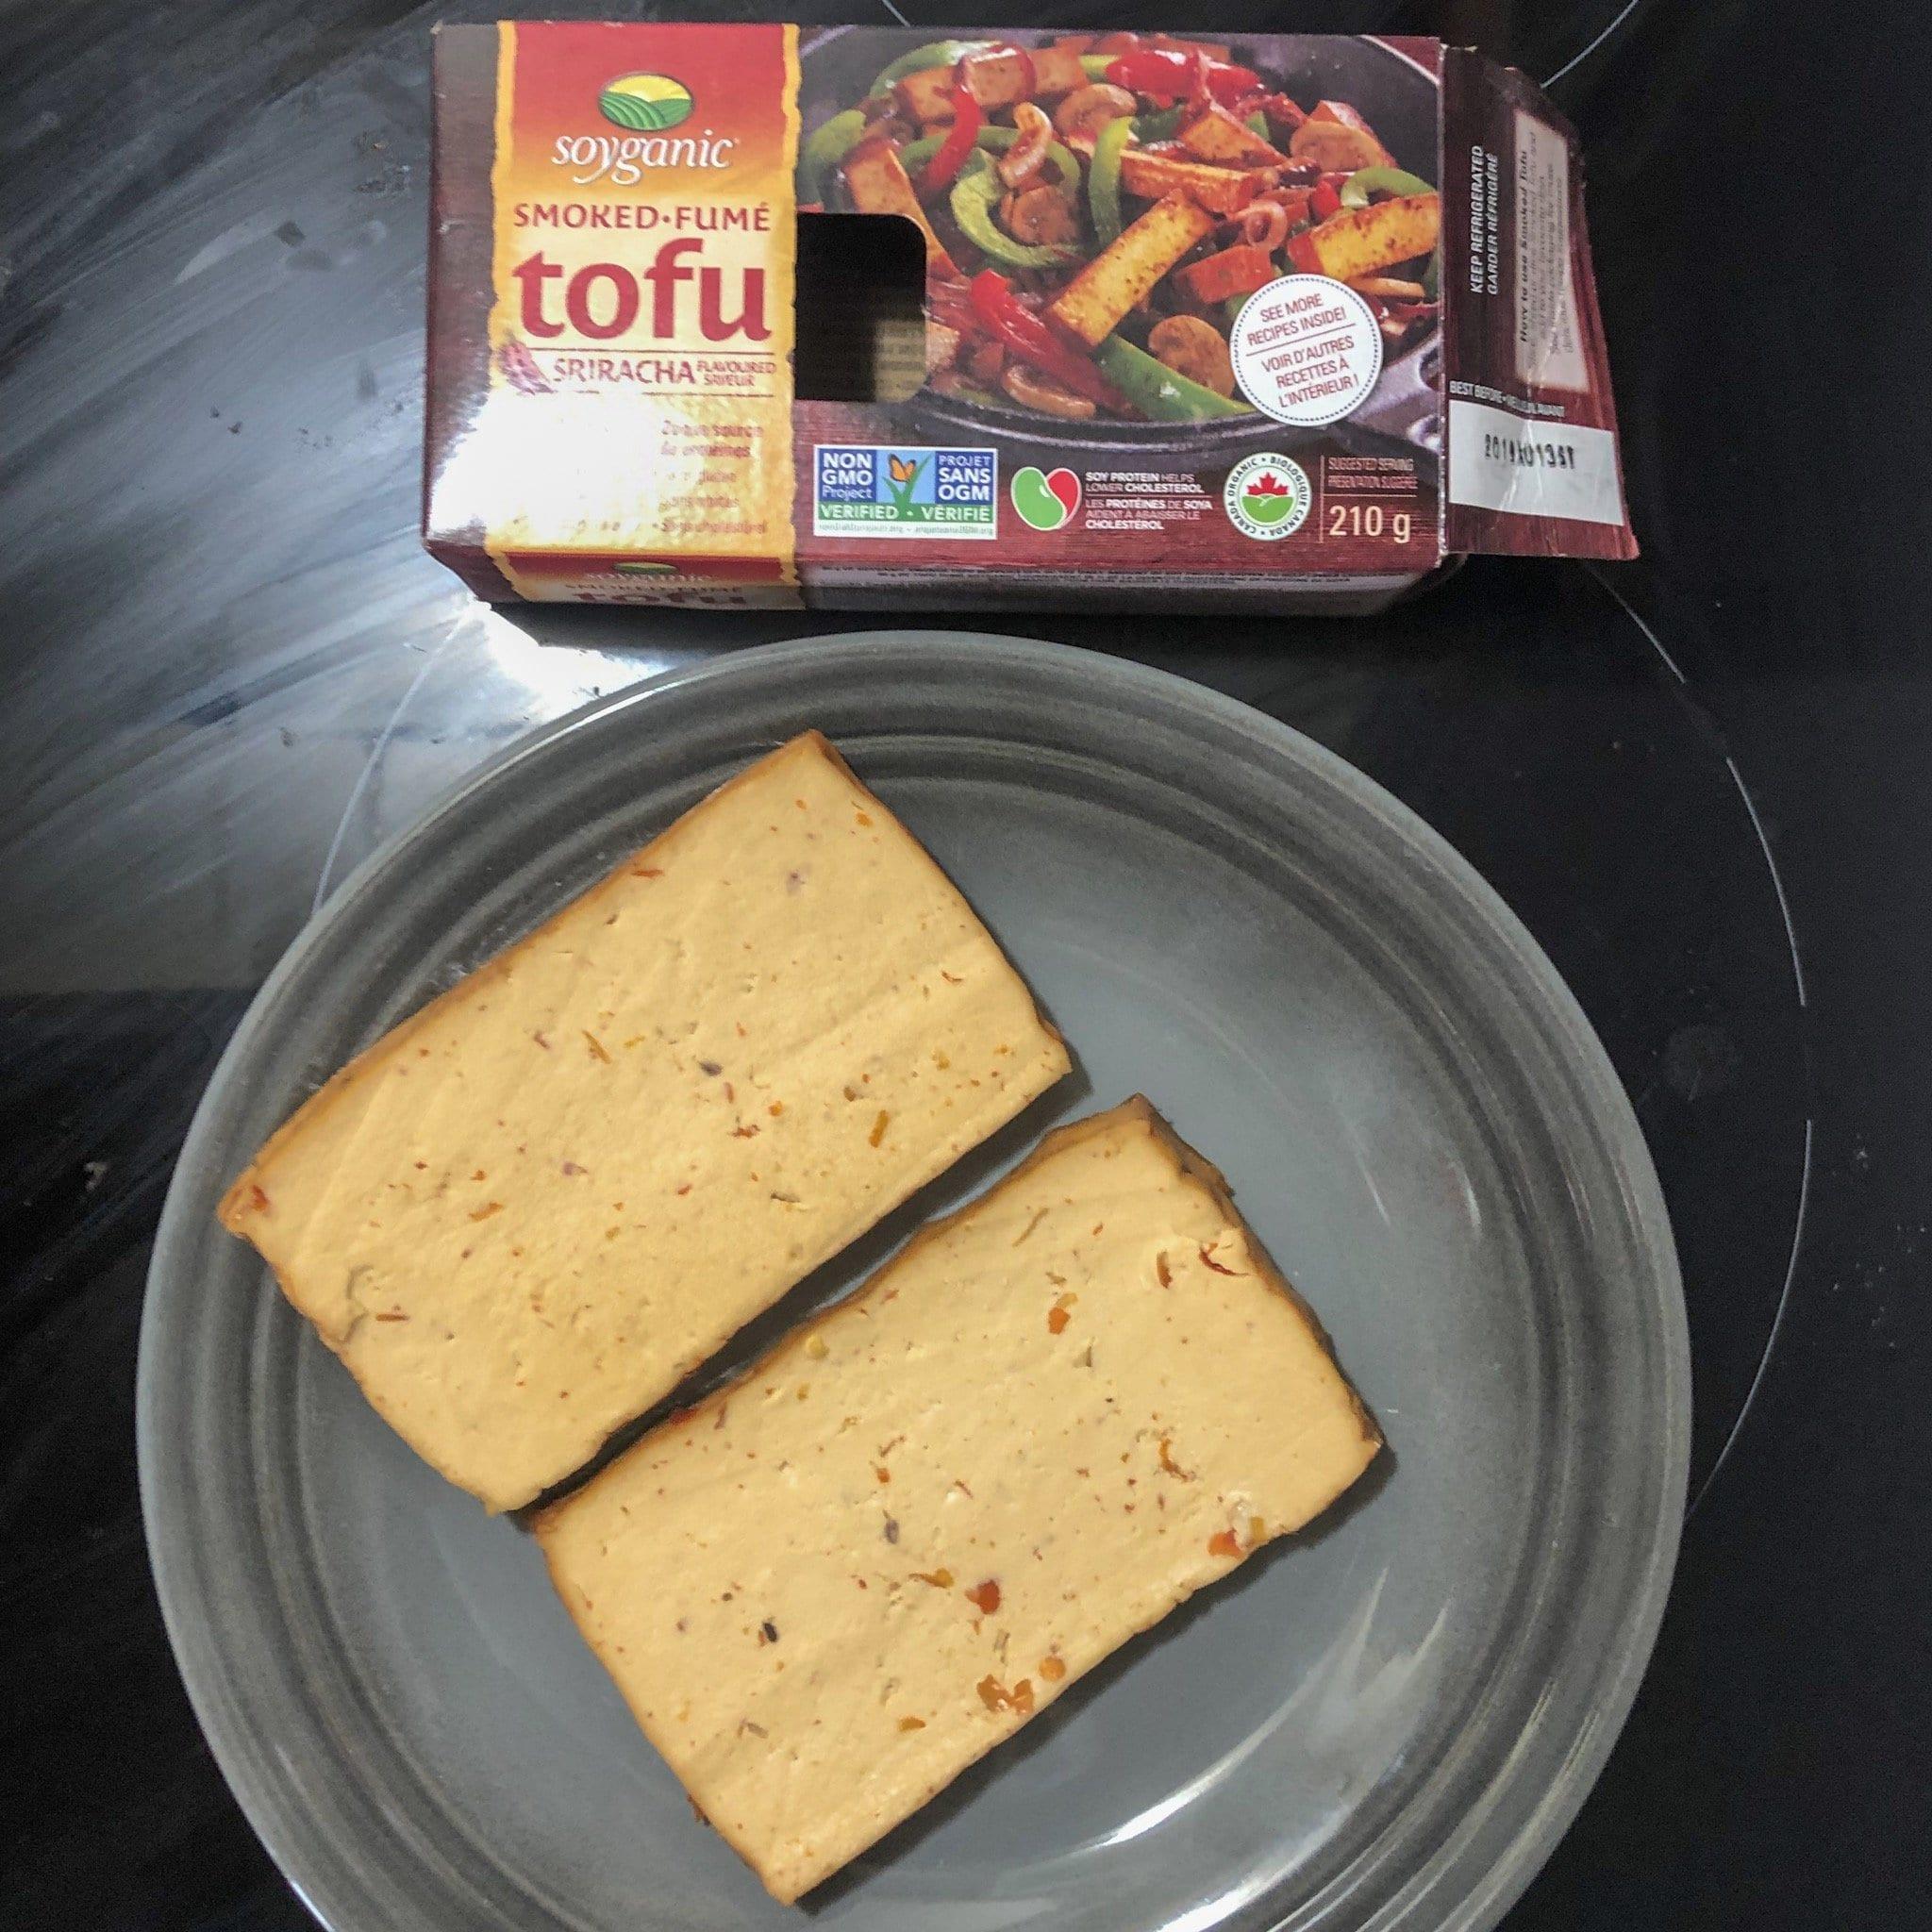 Soyganic sriracha tofu unboxed cut